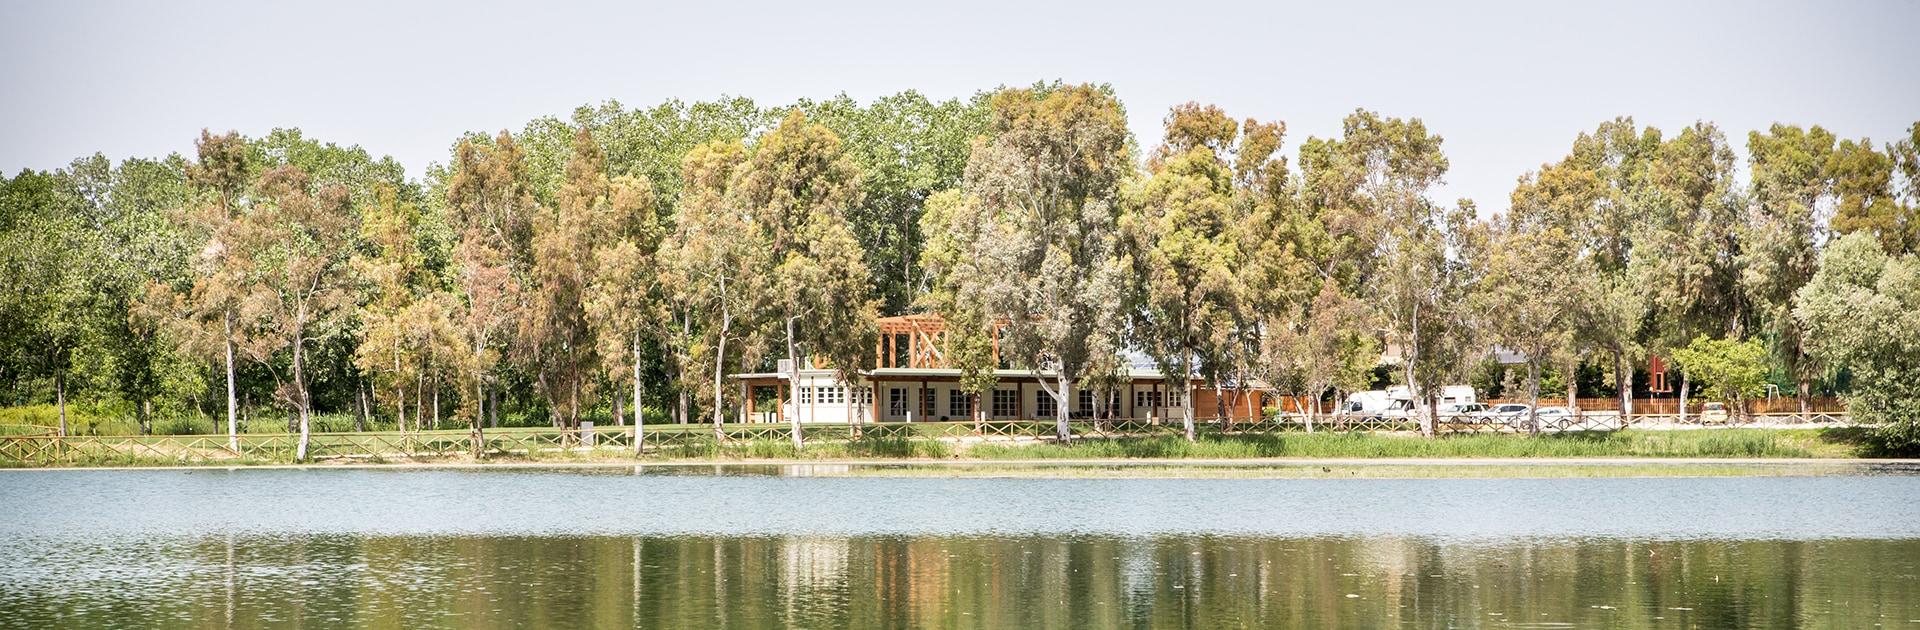 Lago di Oz | Ristorante sul lago, parco e pesca sportiva ad Ascoli Piceno Spinetoli